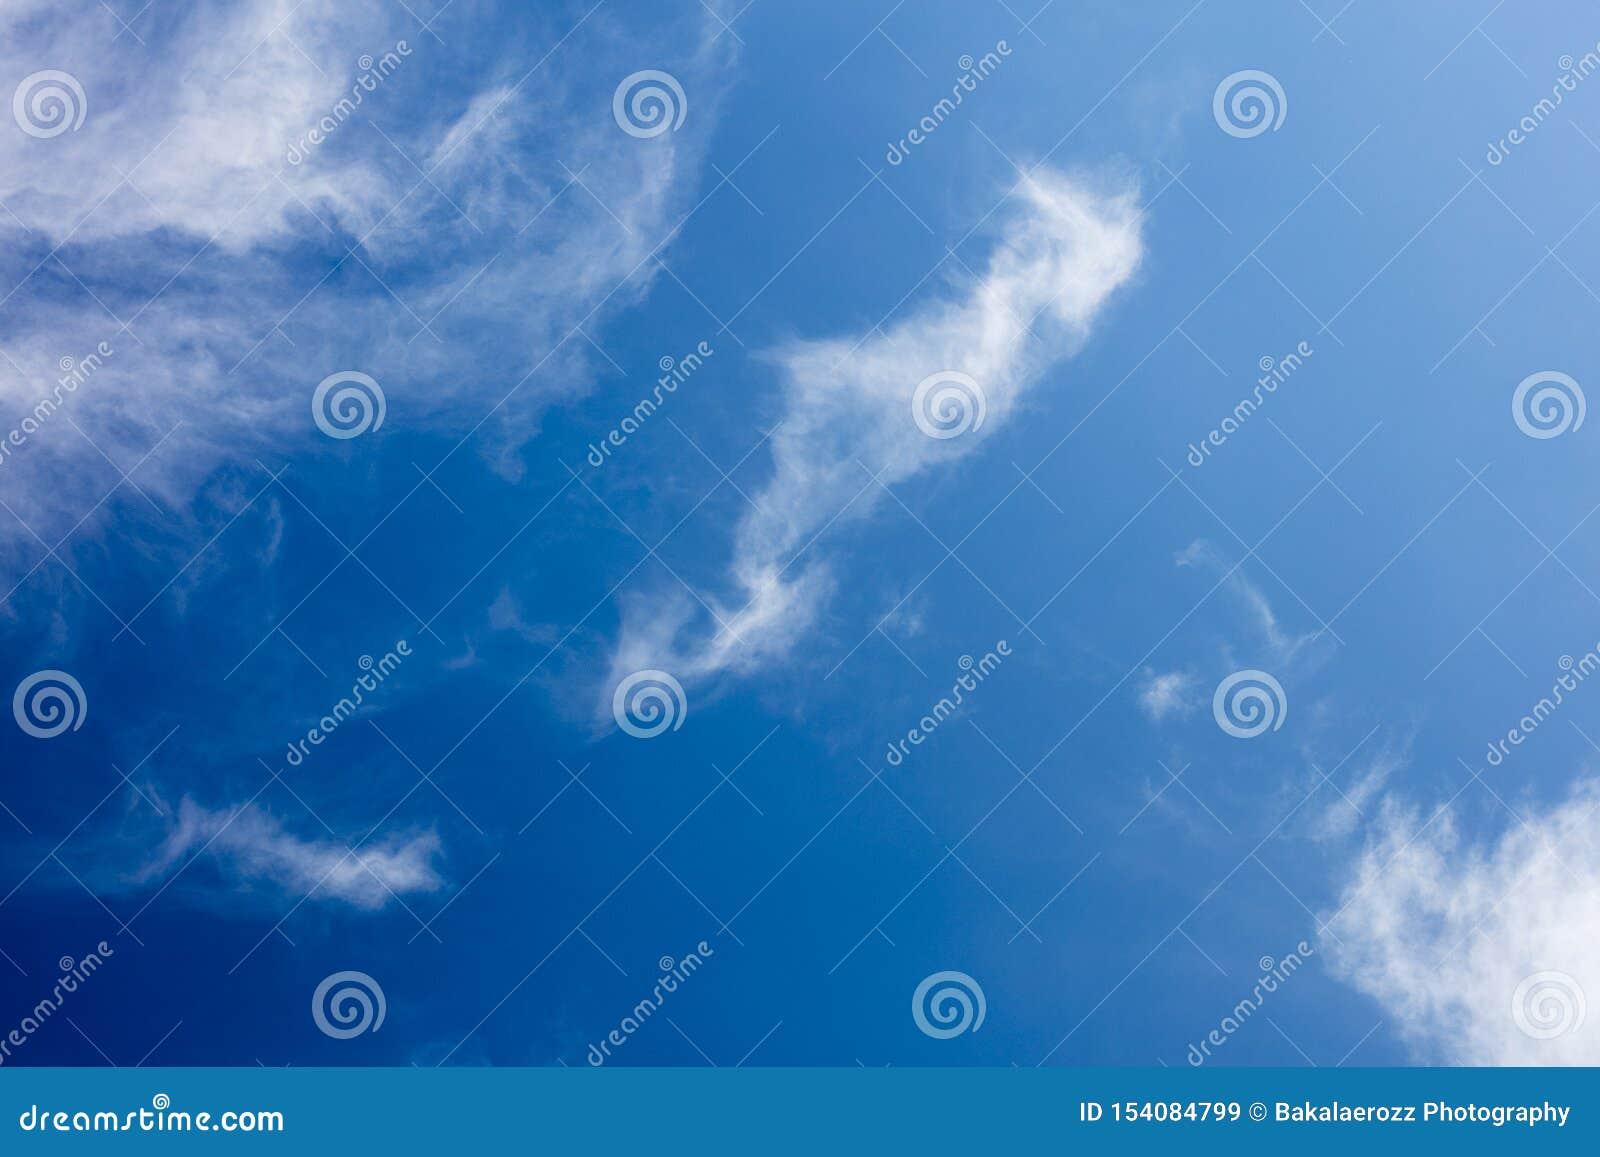 Blauer Himmel mit Wolkensommerstimmungs-Hintergrundschöner kunst in den Druckprodukten der hohen Qualität fünfzig megapixels